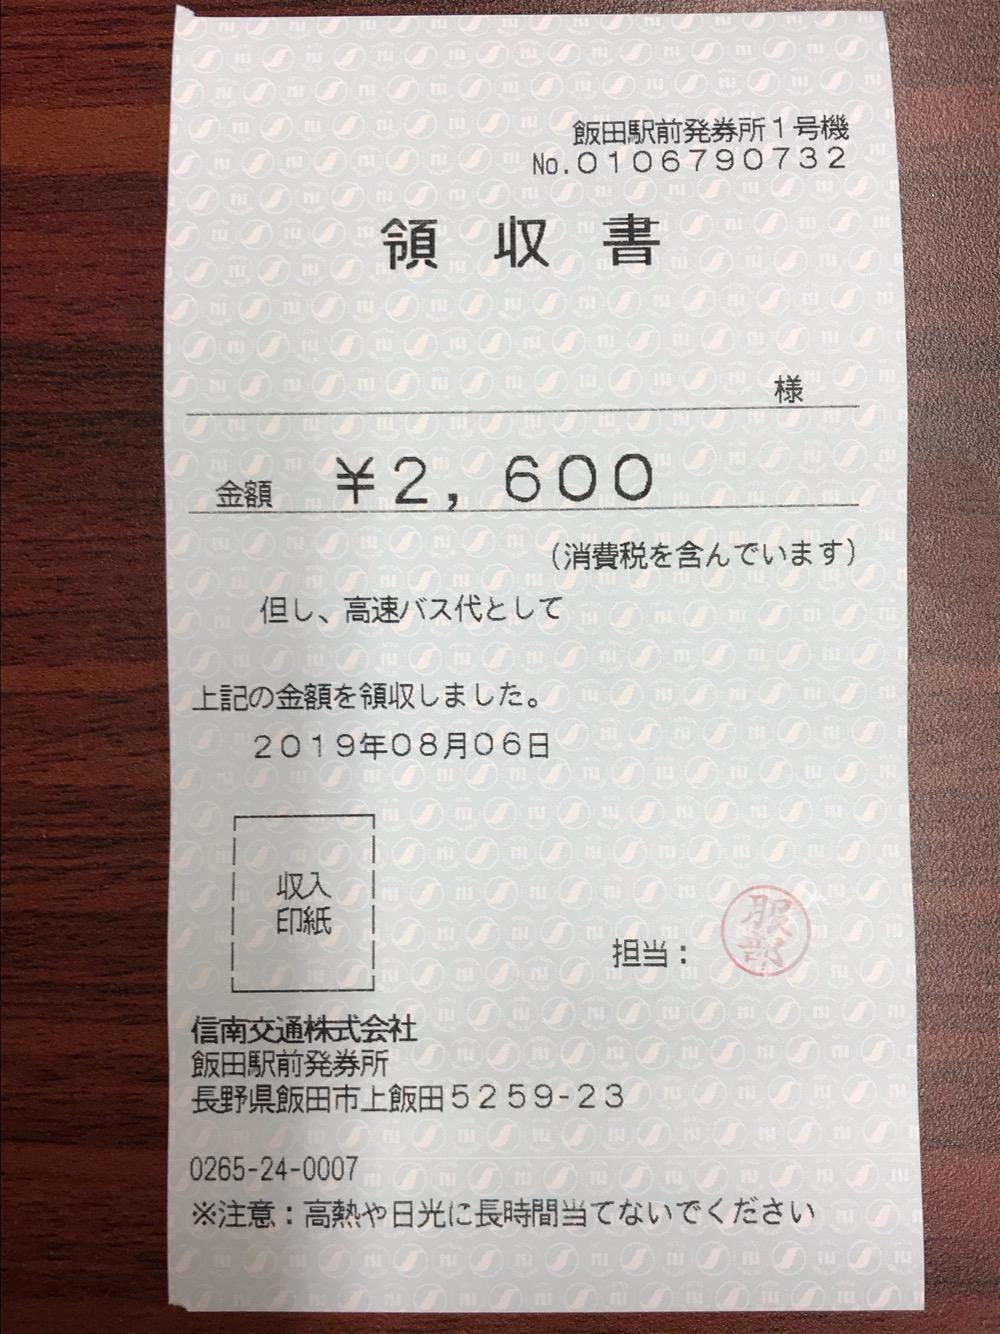 信南交通株式会社の領収書(飯田駅前から名鉄バスセンター(名古屋)までの乗車券の領収書)